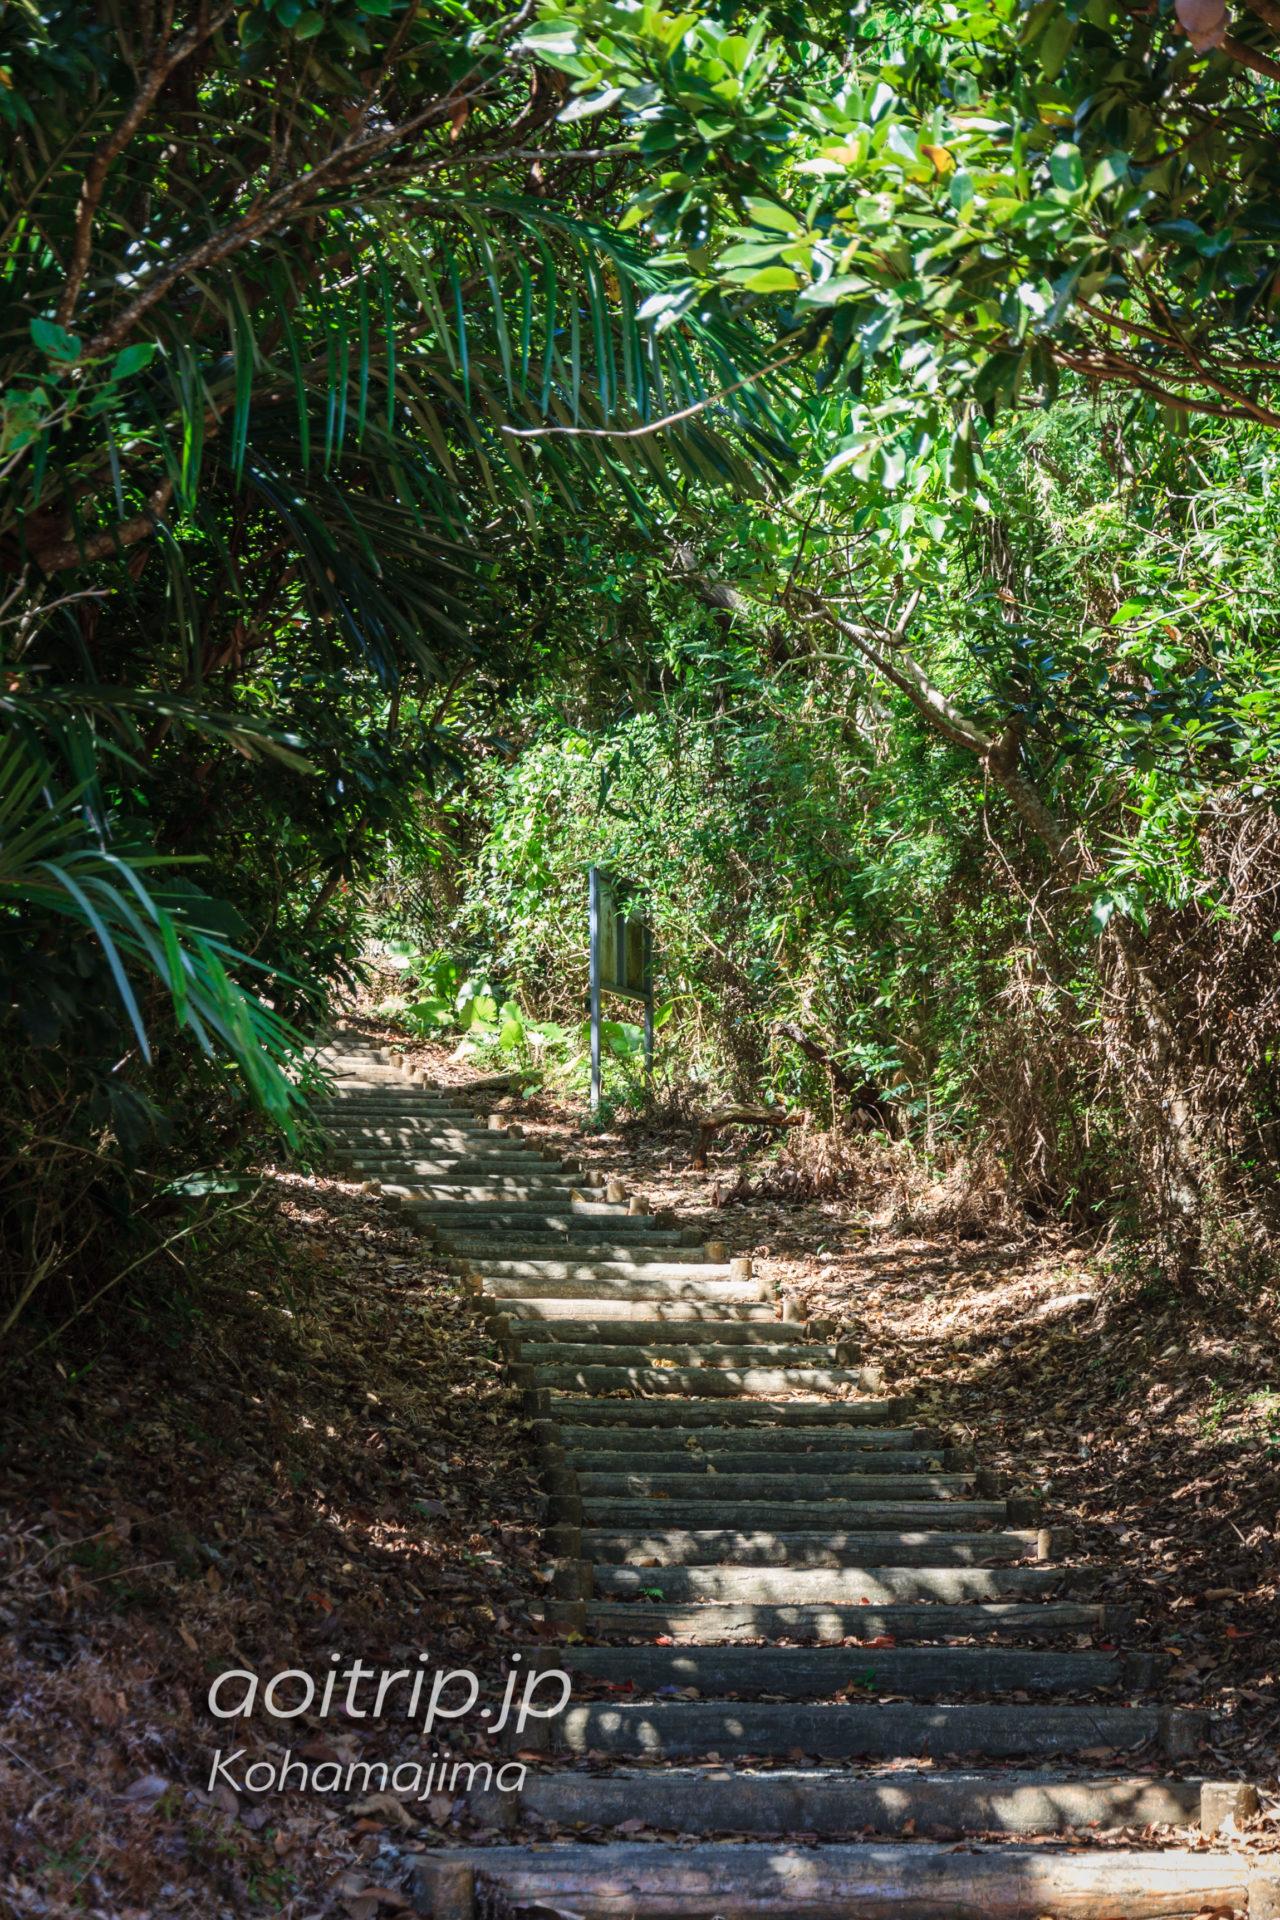 小浜島 大岳の階段